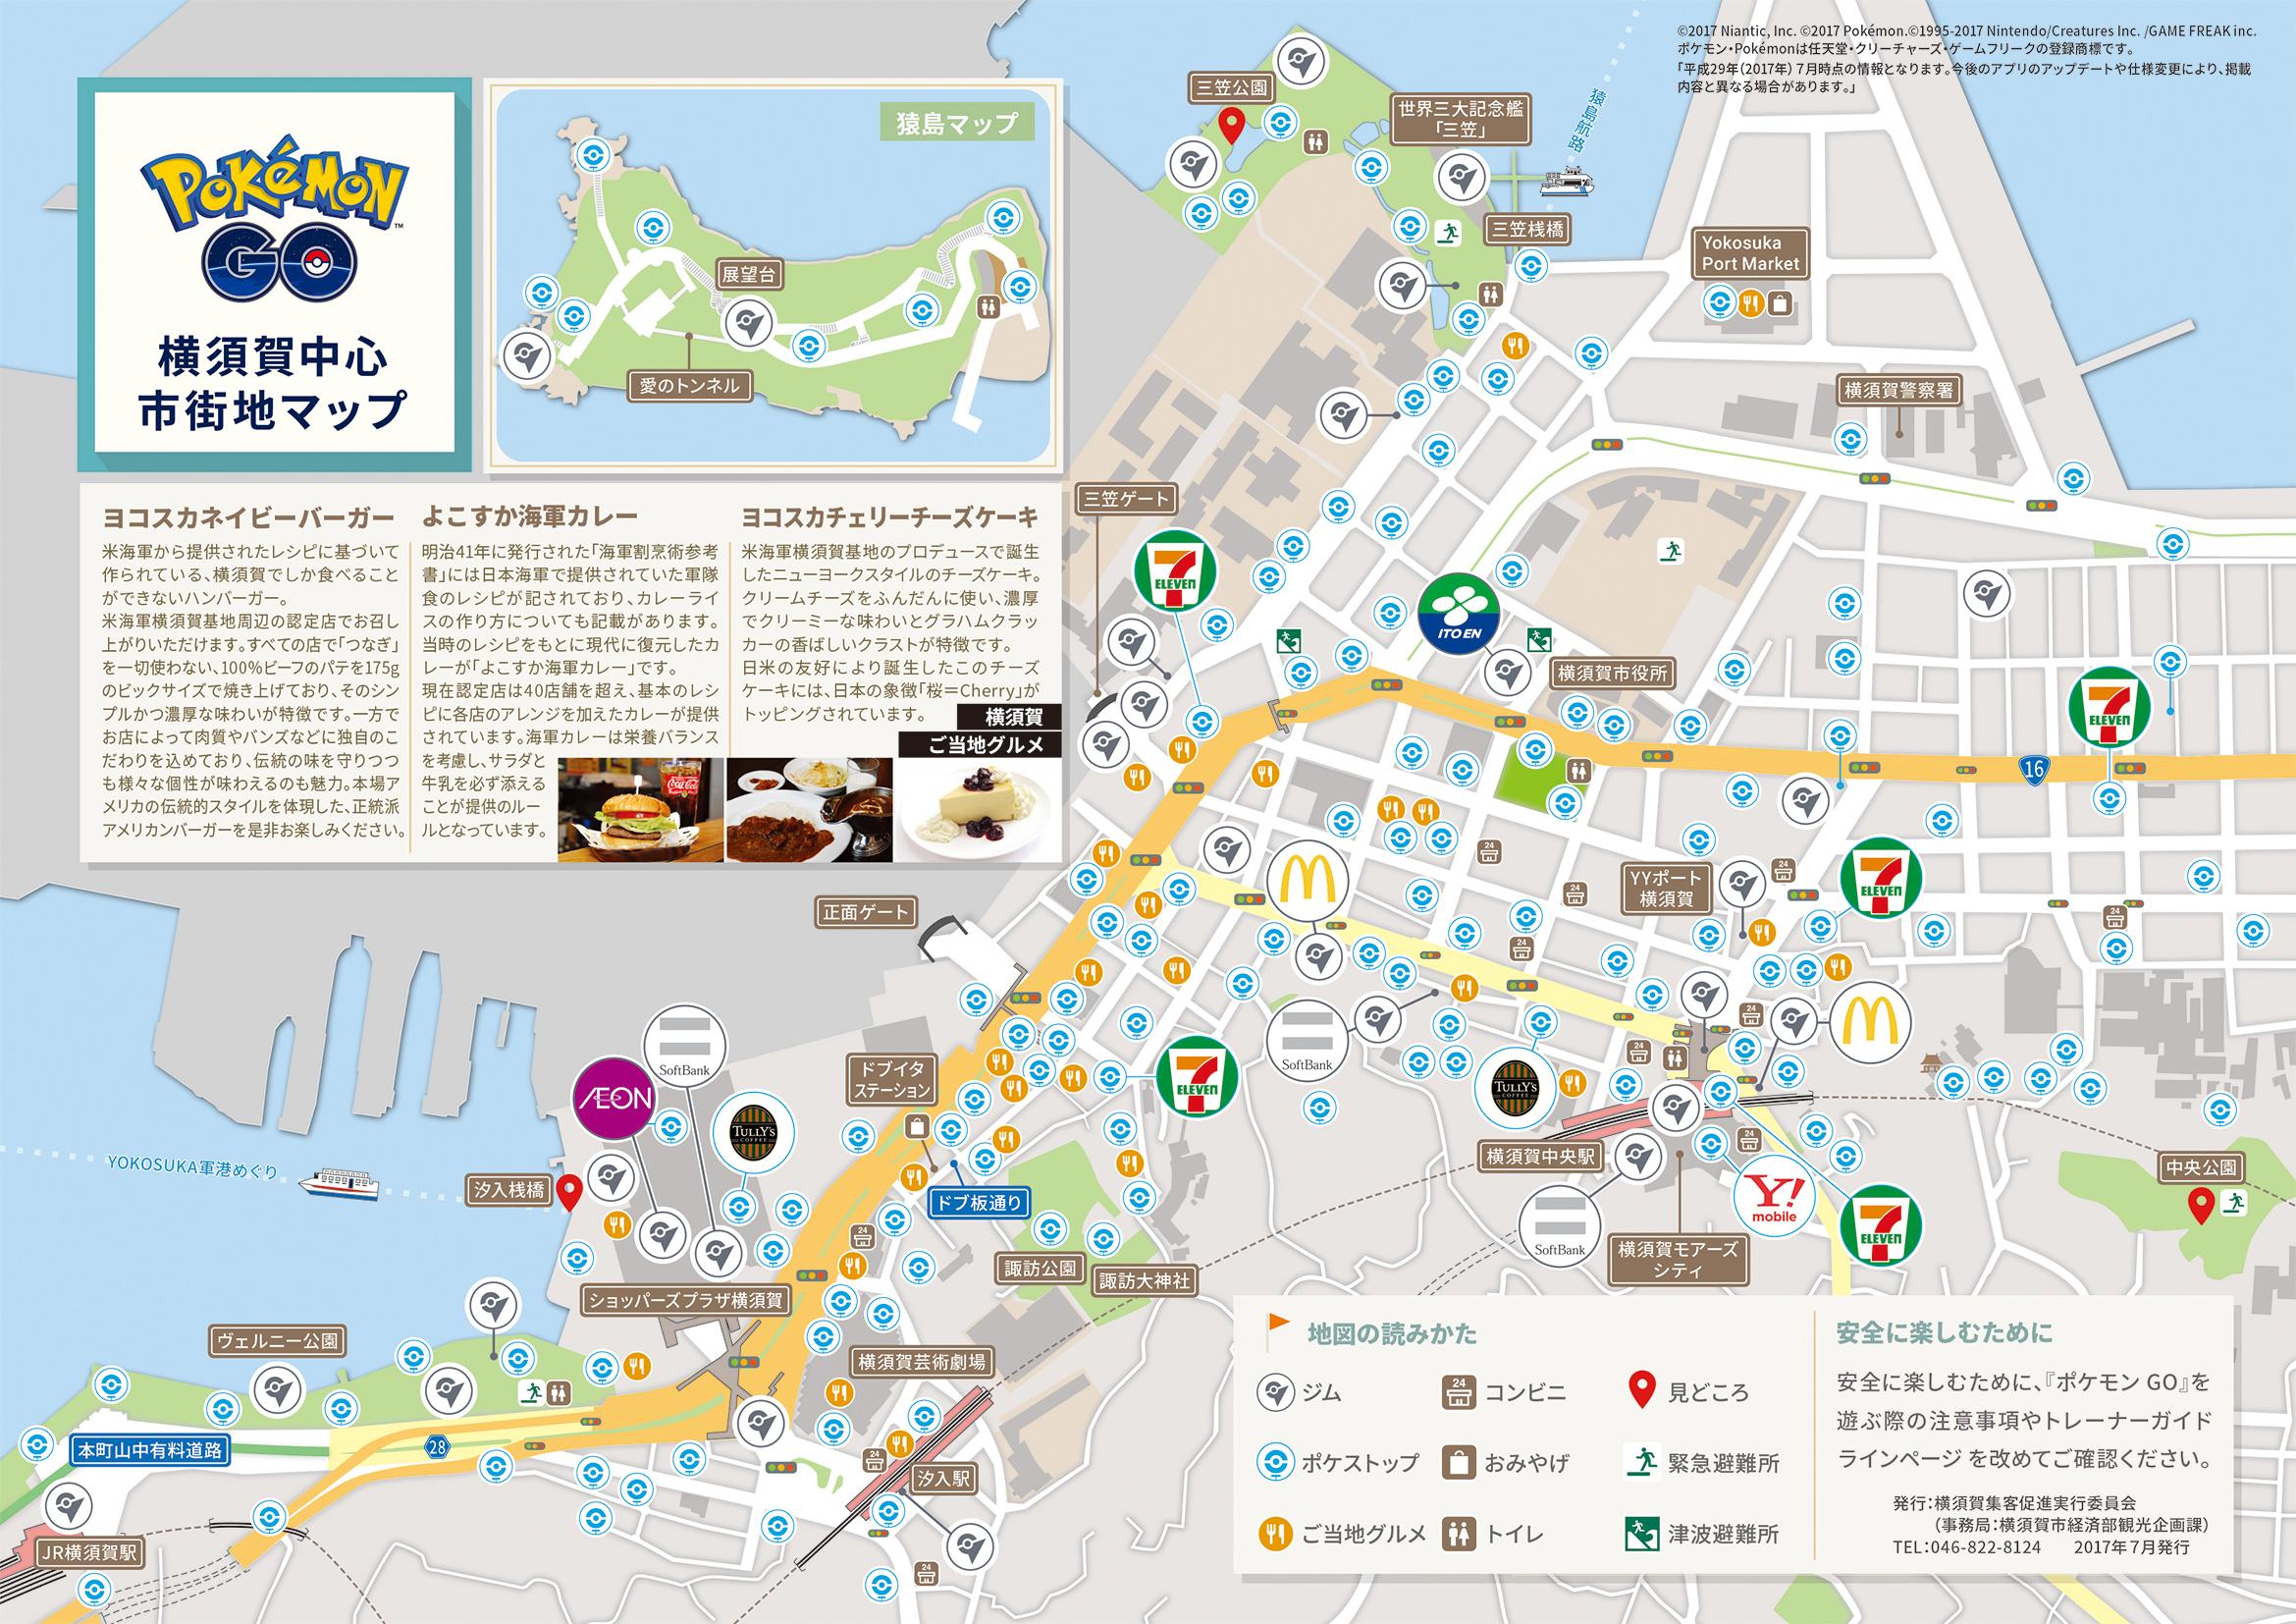 横須賀市と地域のマクドナルドが「ヨコスカGO」連携